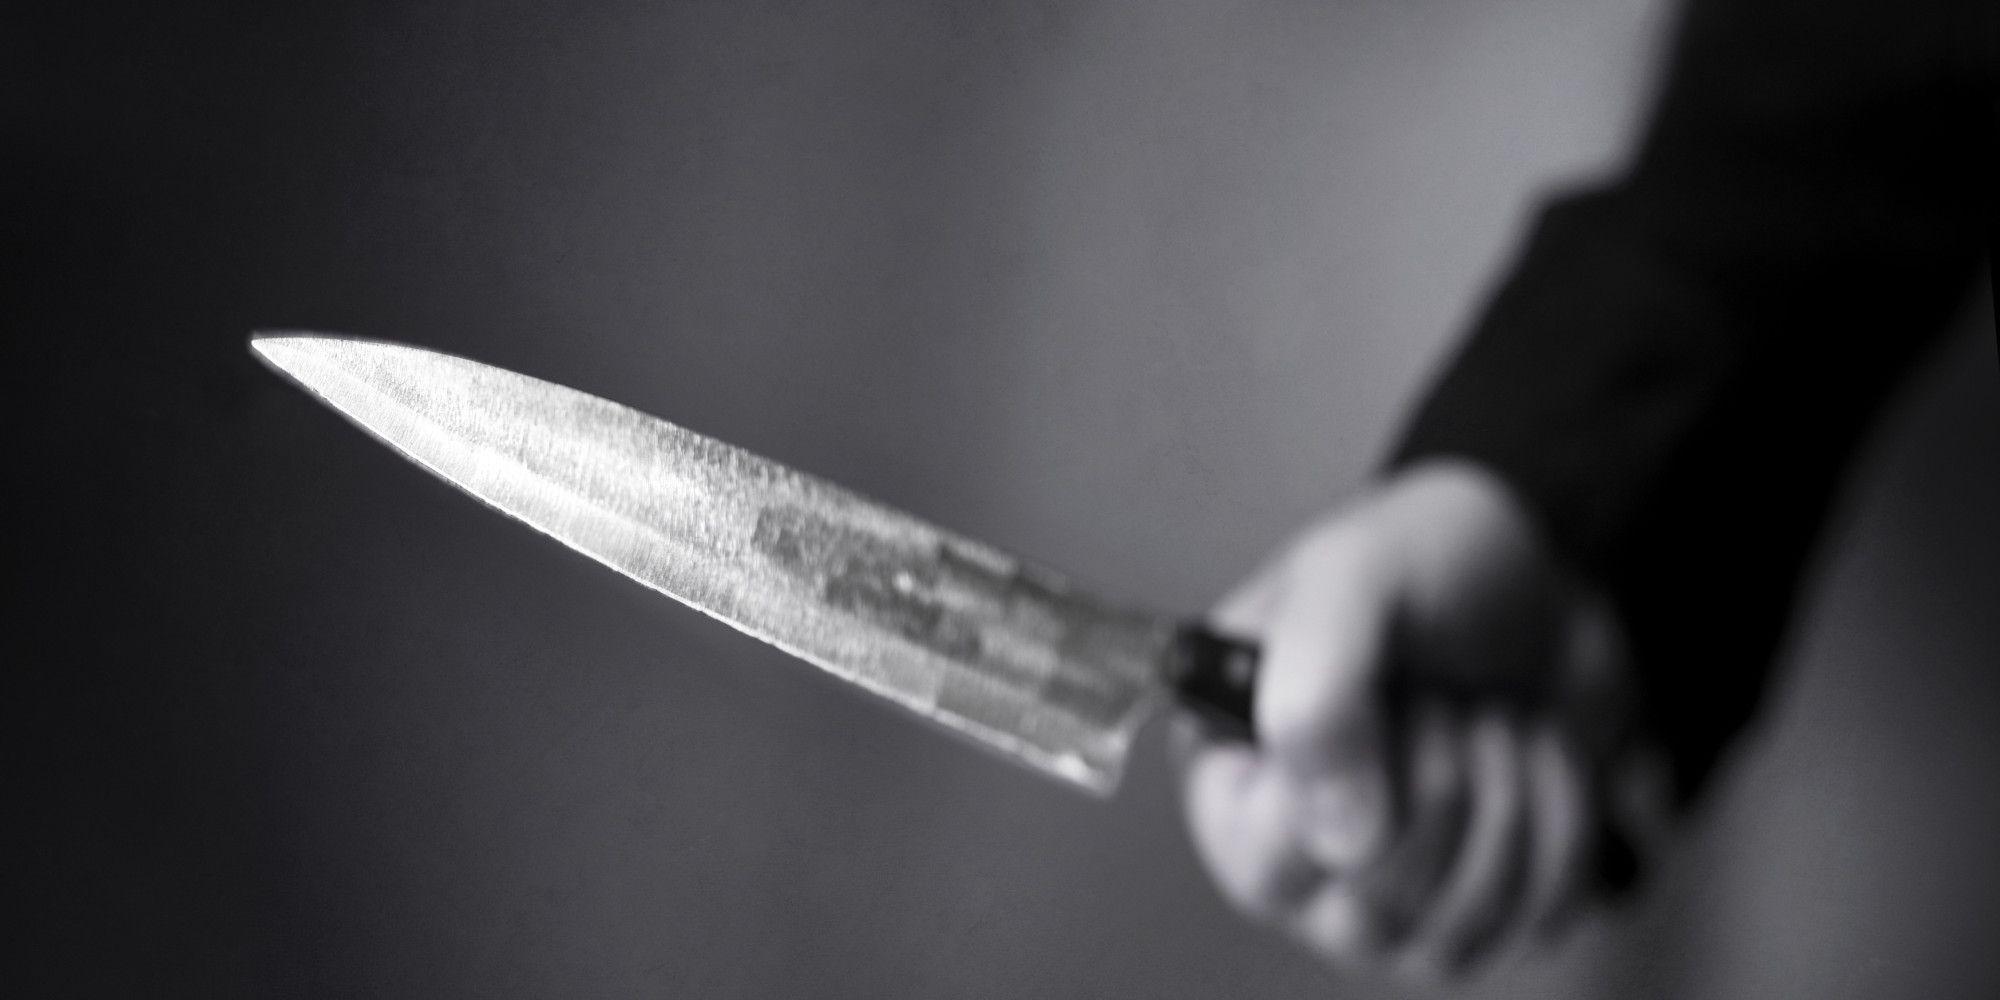 Un guardia civil apuñala a otro ante la hija de la víctima y en plena calle